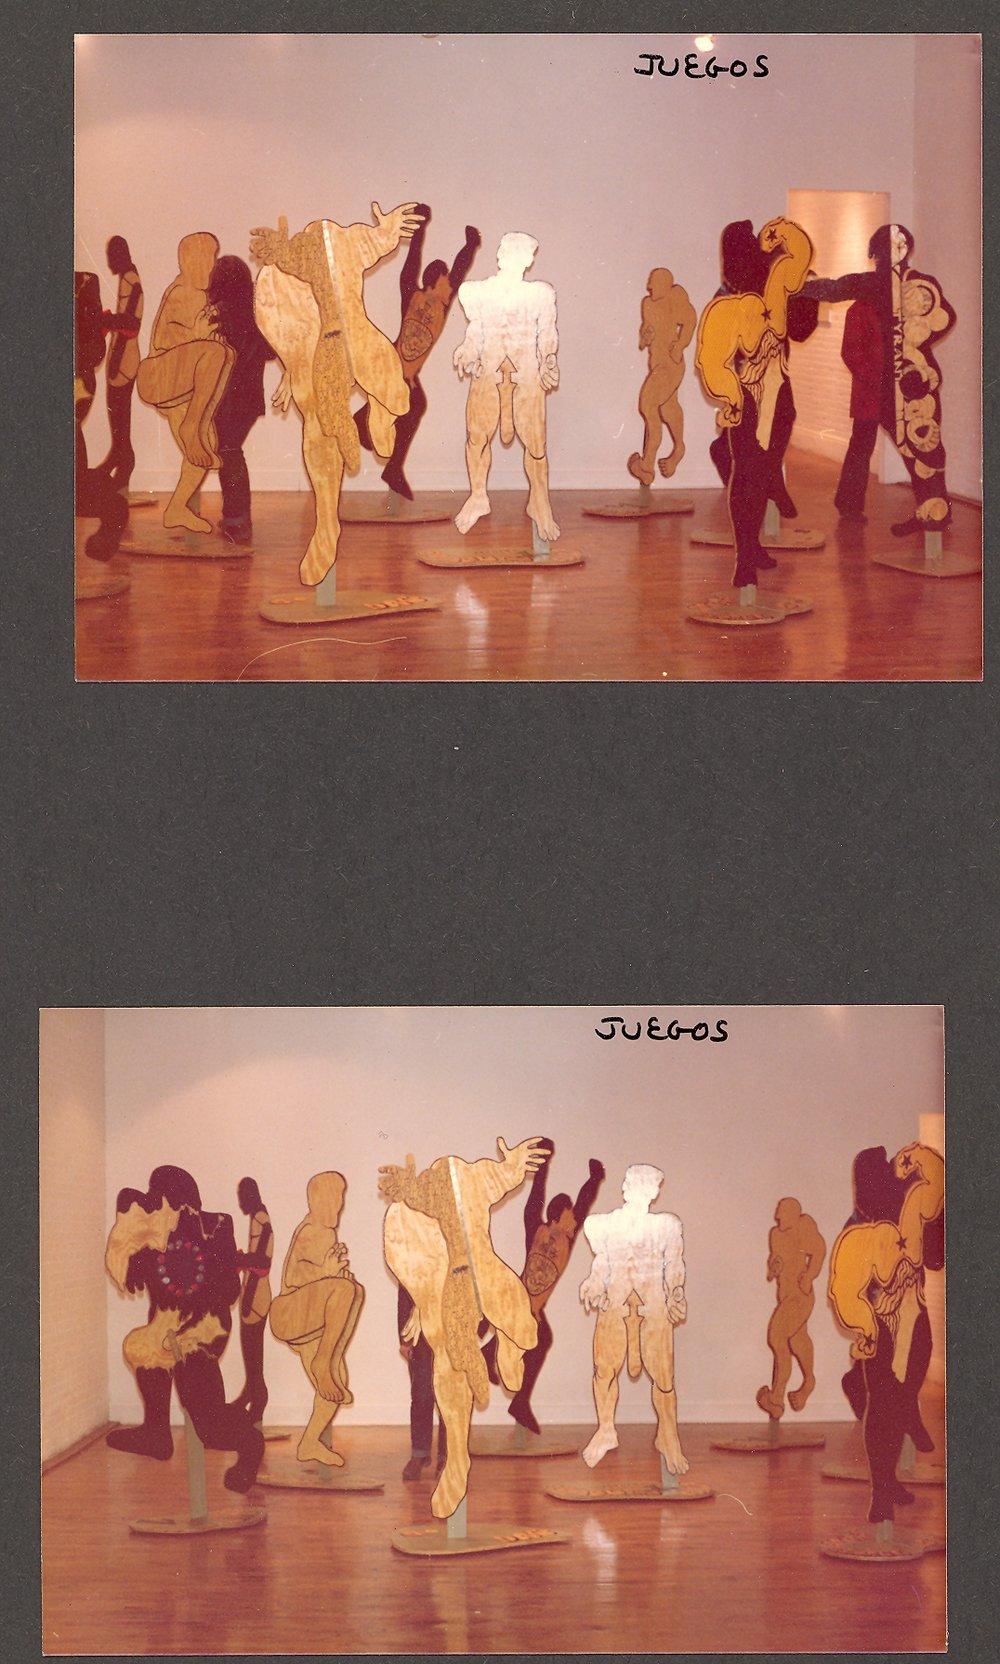 Juegos - Panels 1 - B.jpg